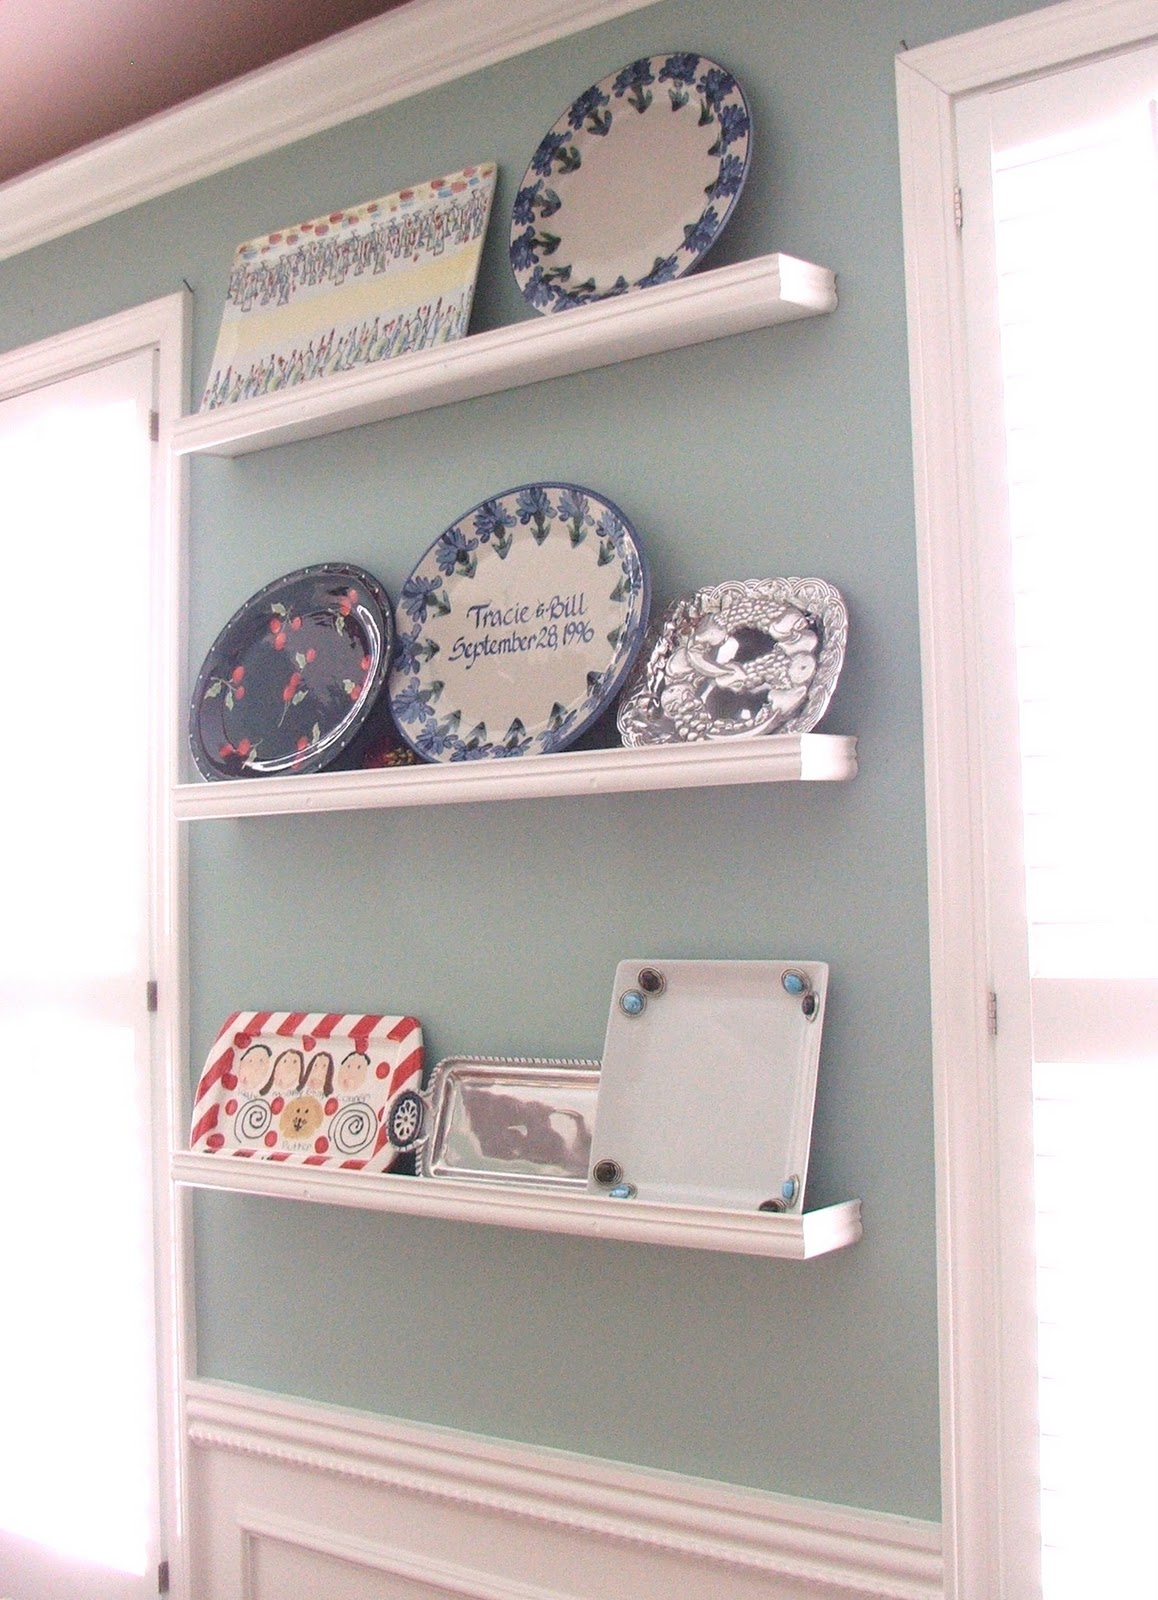 Remodelaholic platter wall shelving for Wall shelves and ledges